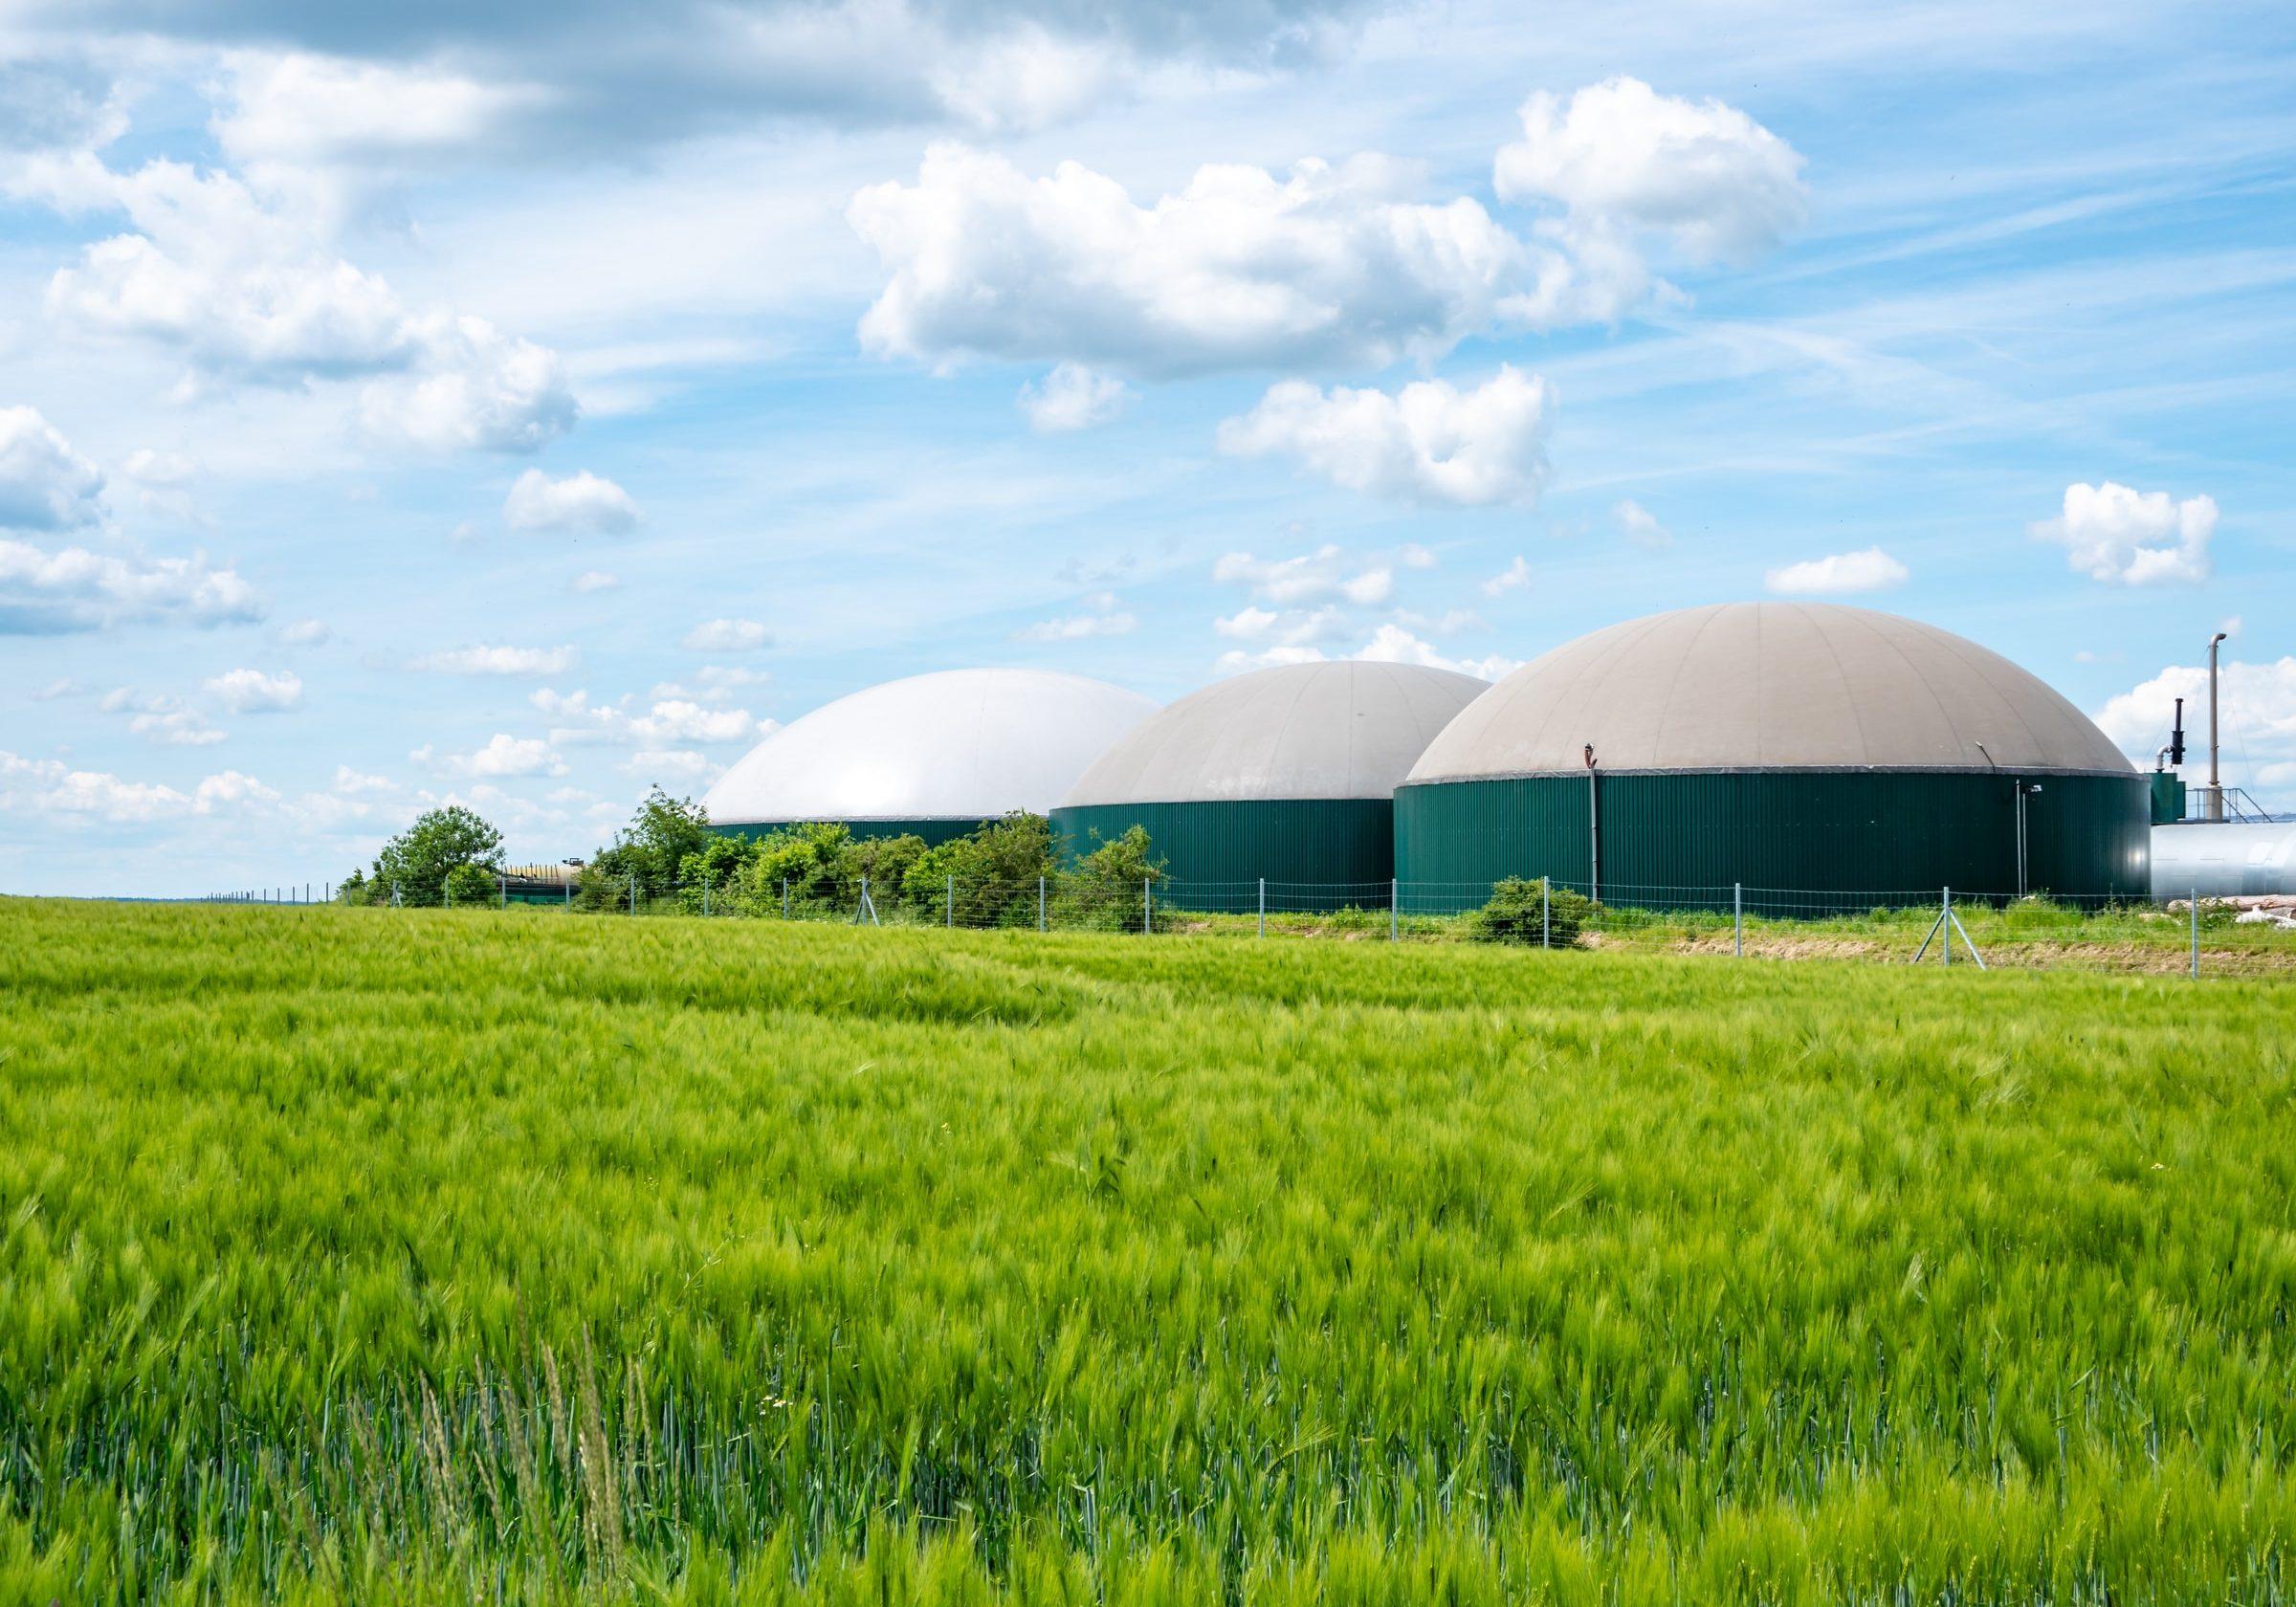 7yrds-energy-goch-öko-erdgas-biogas-biogasanlage-bio-strom-grün